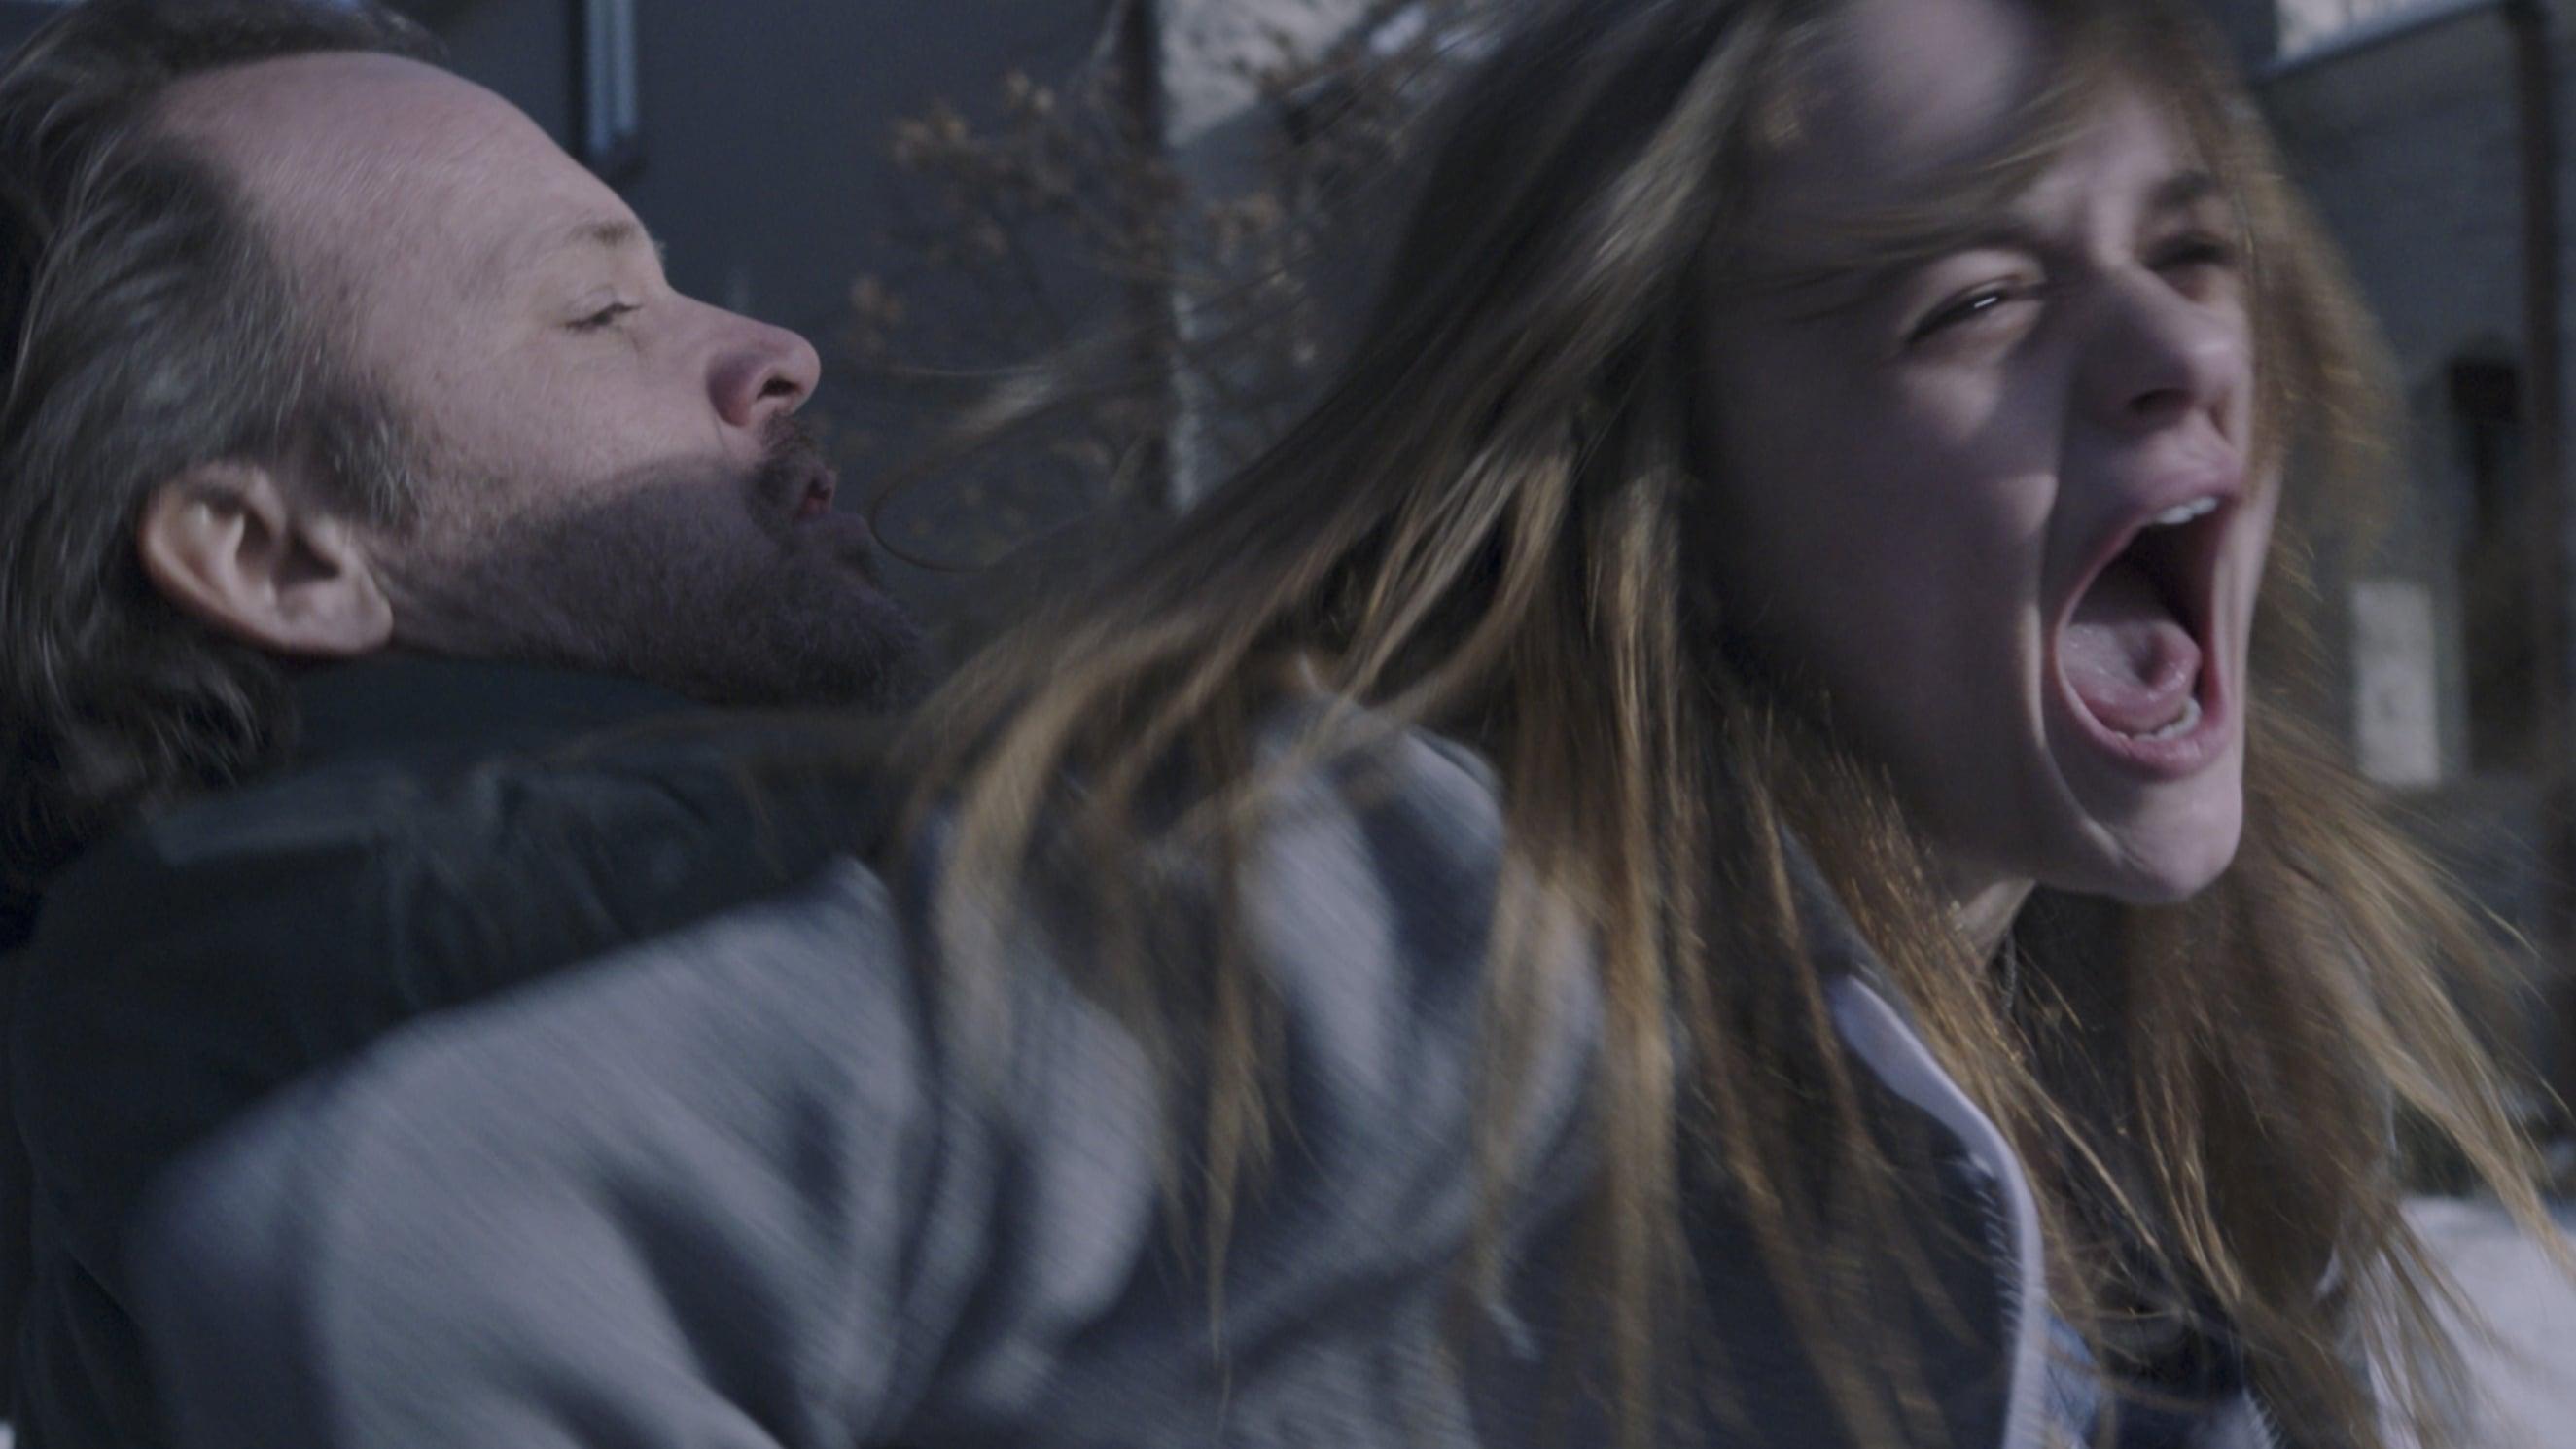 DESCARGAR El engaño (2018) pelicula completa en español latino HD